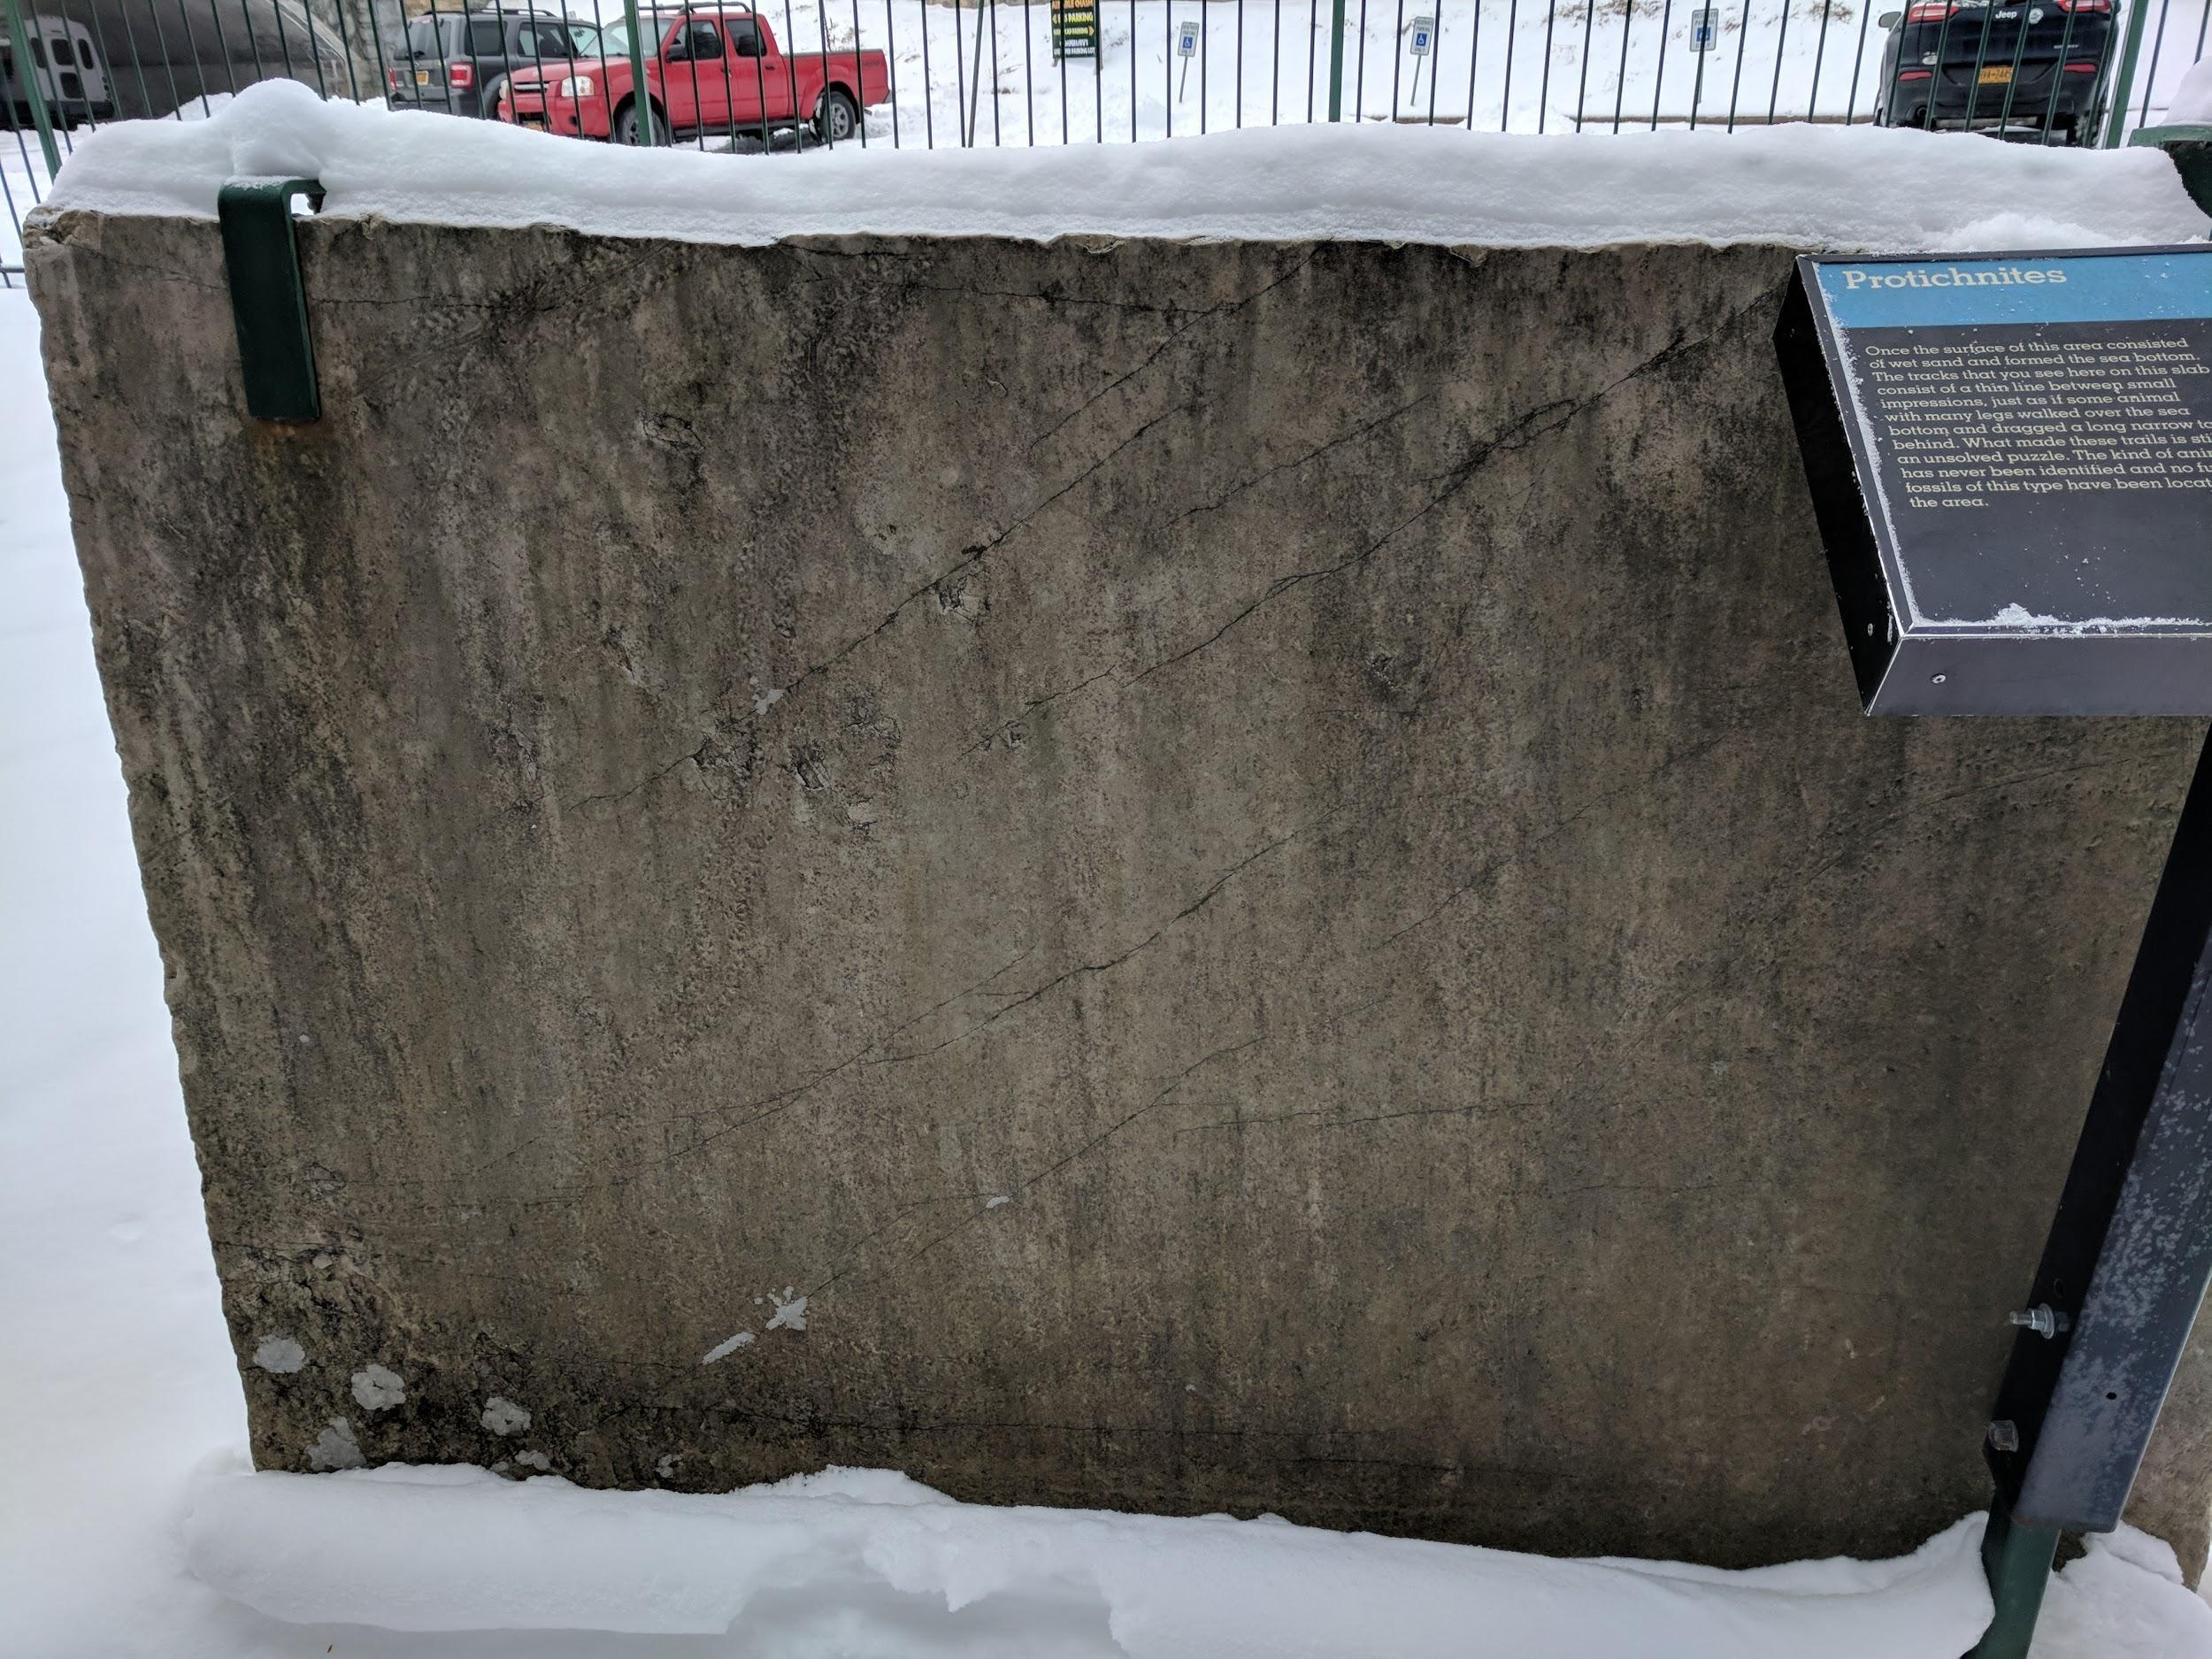 d34e98ec1489b Ausable Chasm: A Winter Exploration